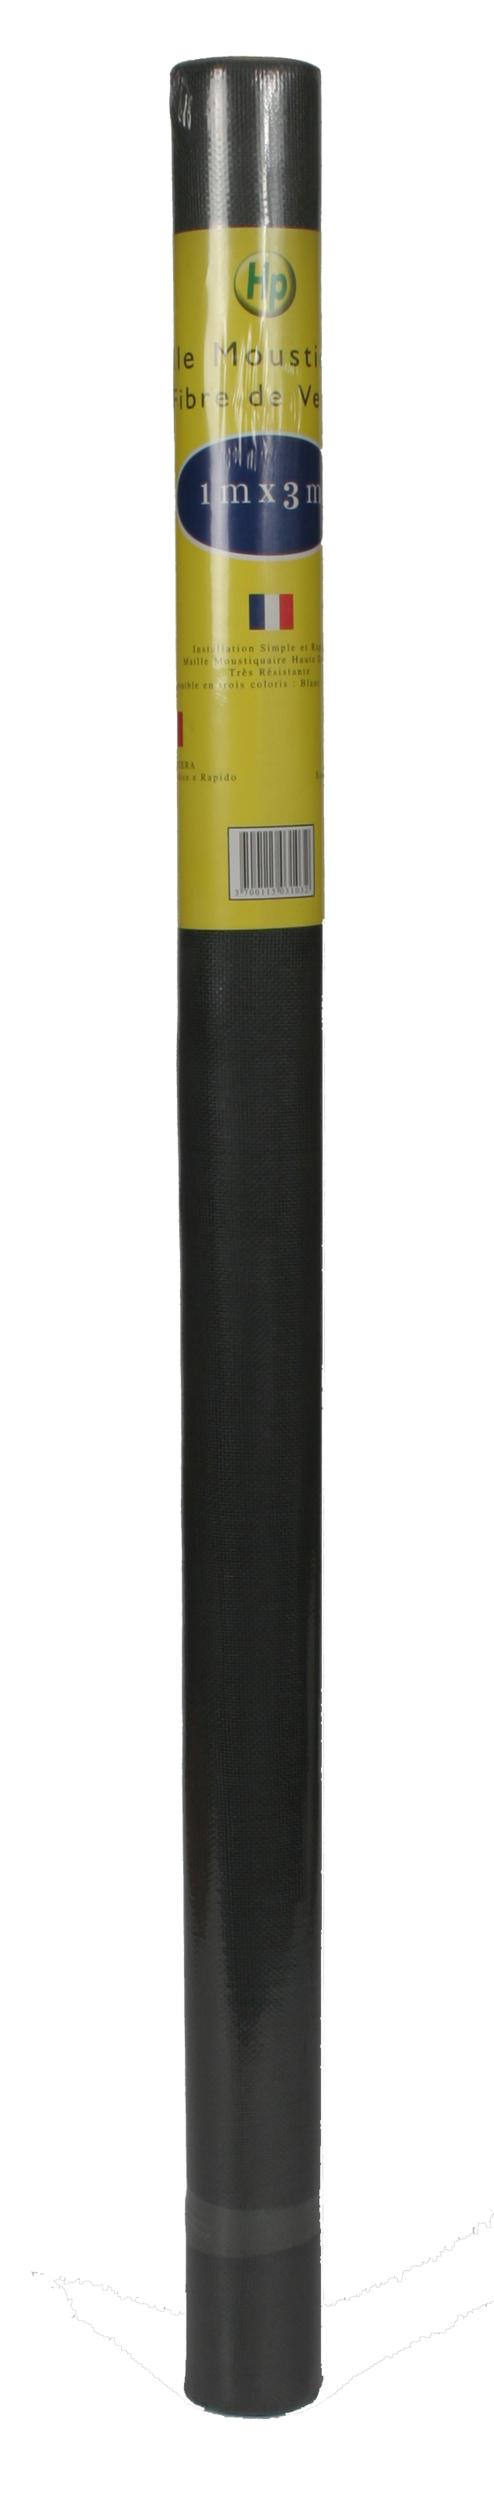 257-maille-moustiquaire-en-fibre-de-verre-coloris-gris